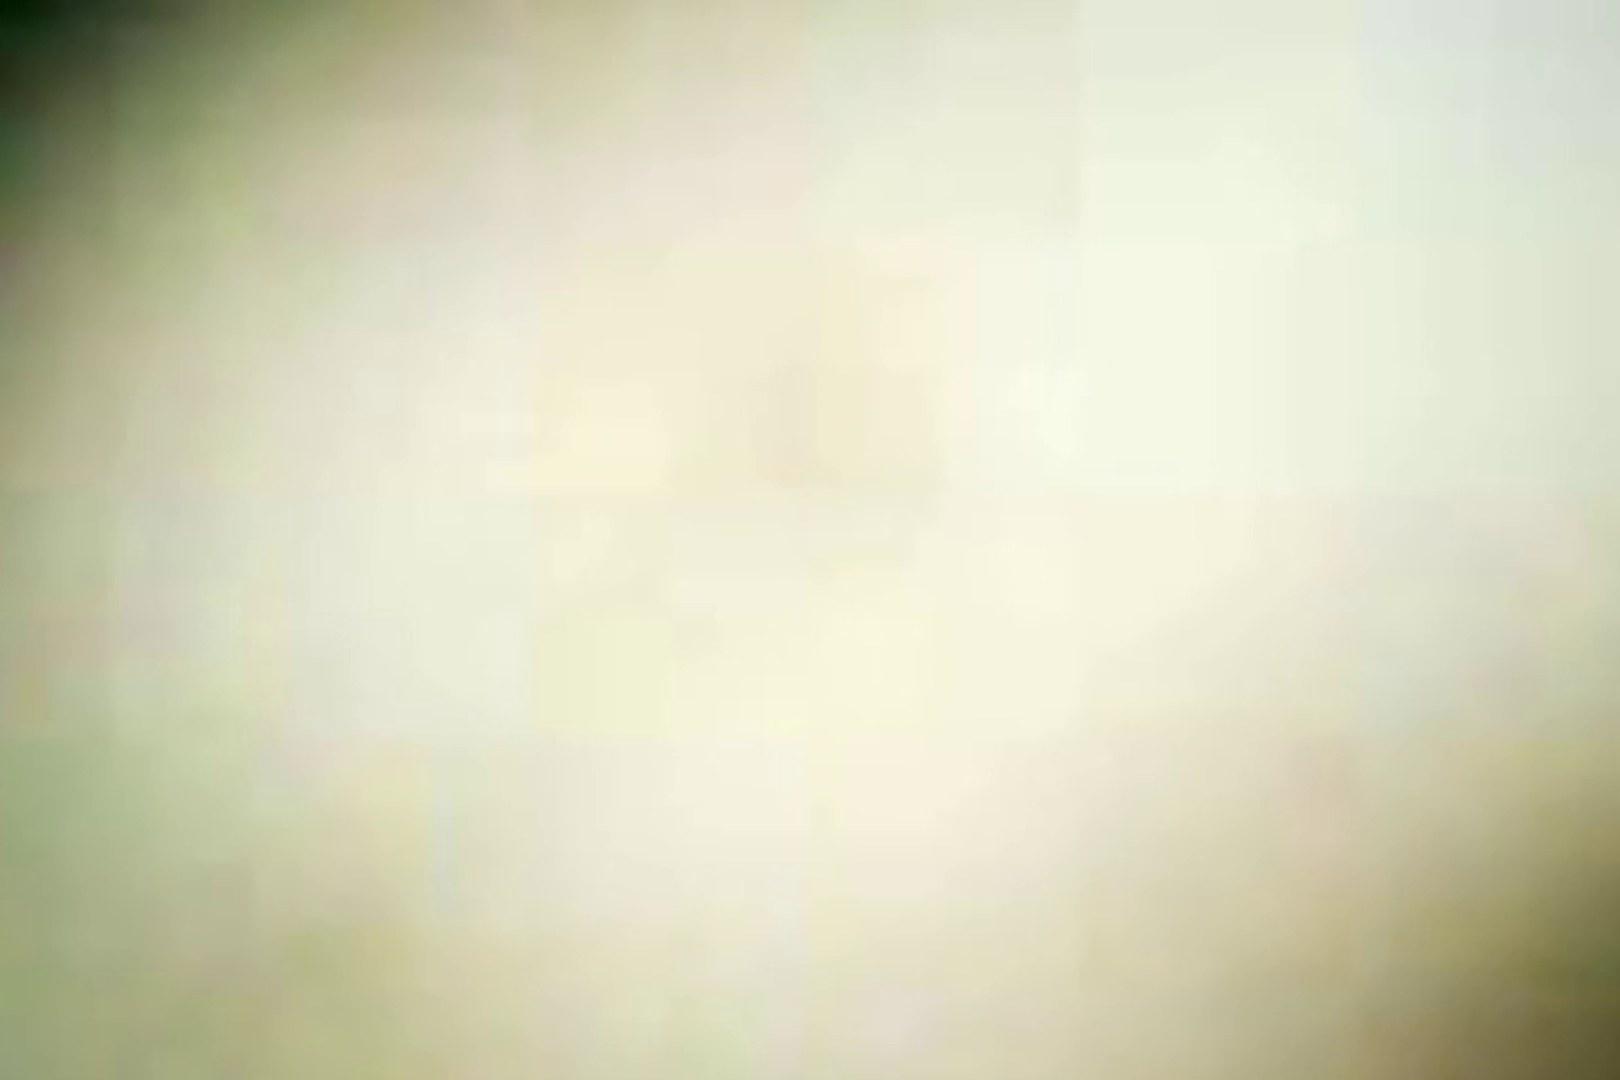 ウイルス流出 串田良祐と小学校教諭のハメ撮りアルバム 学校の中は、、  75連発 44